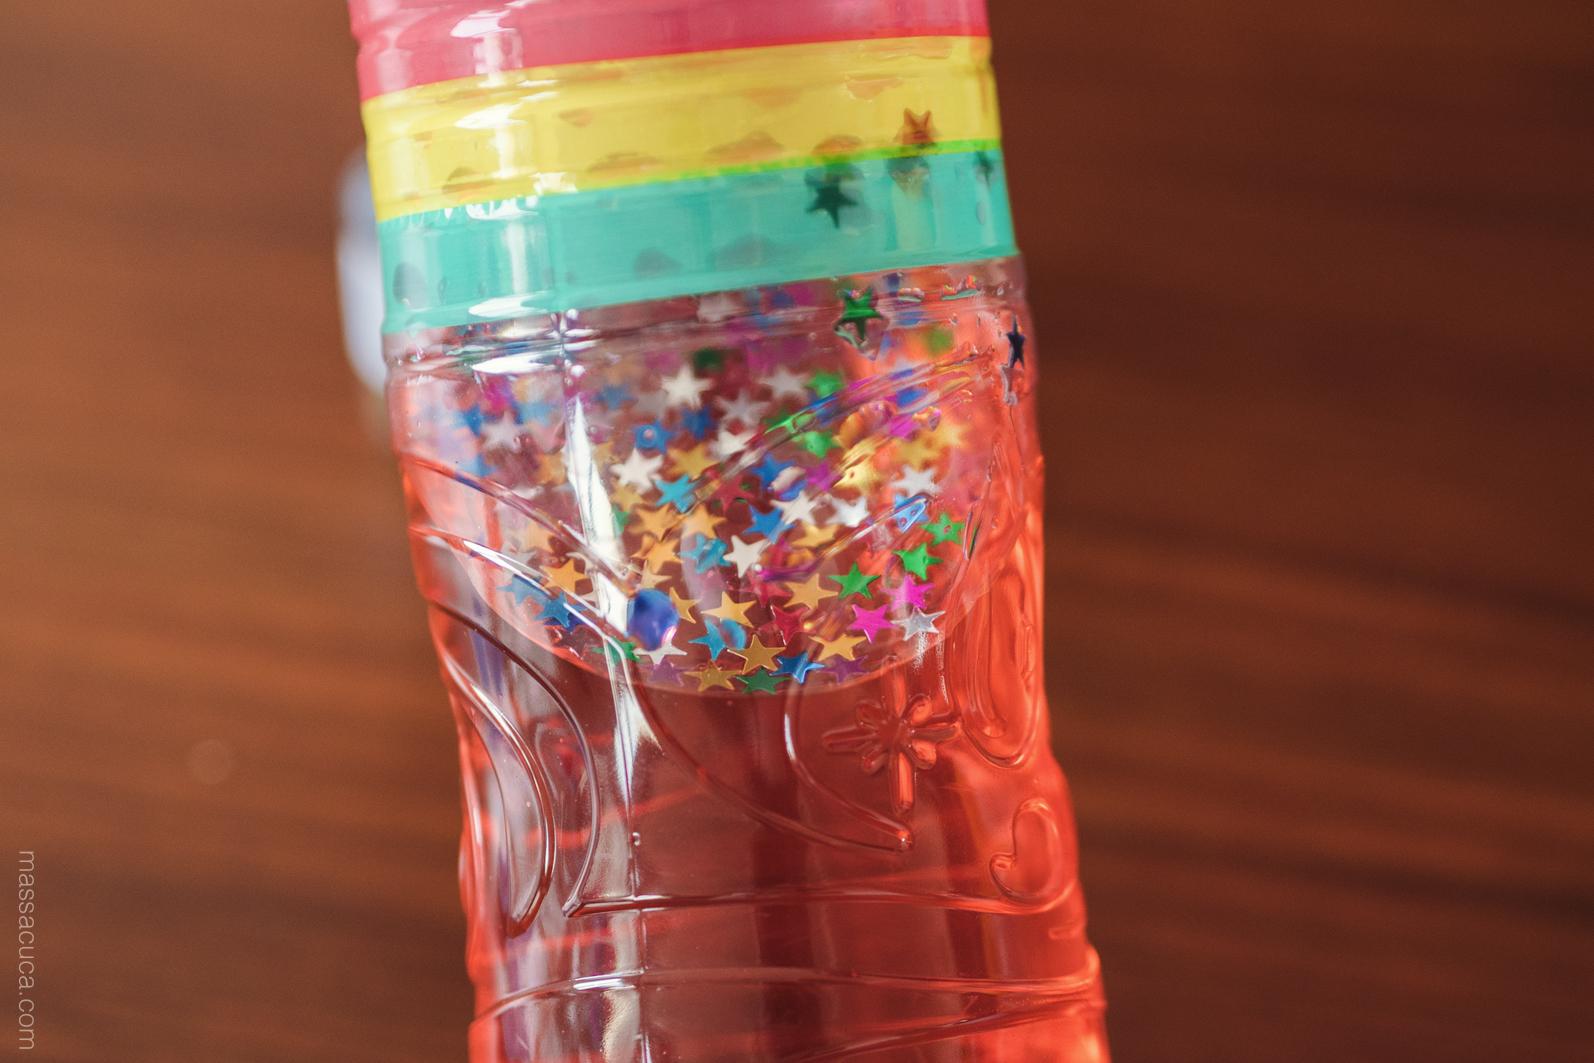 garrafas-agua-sensorial6